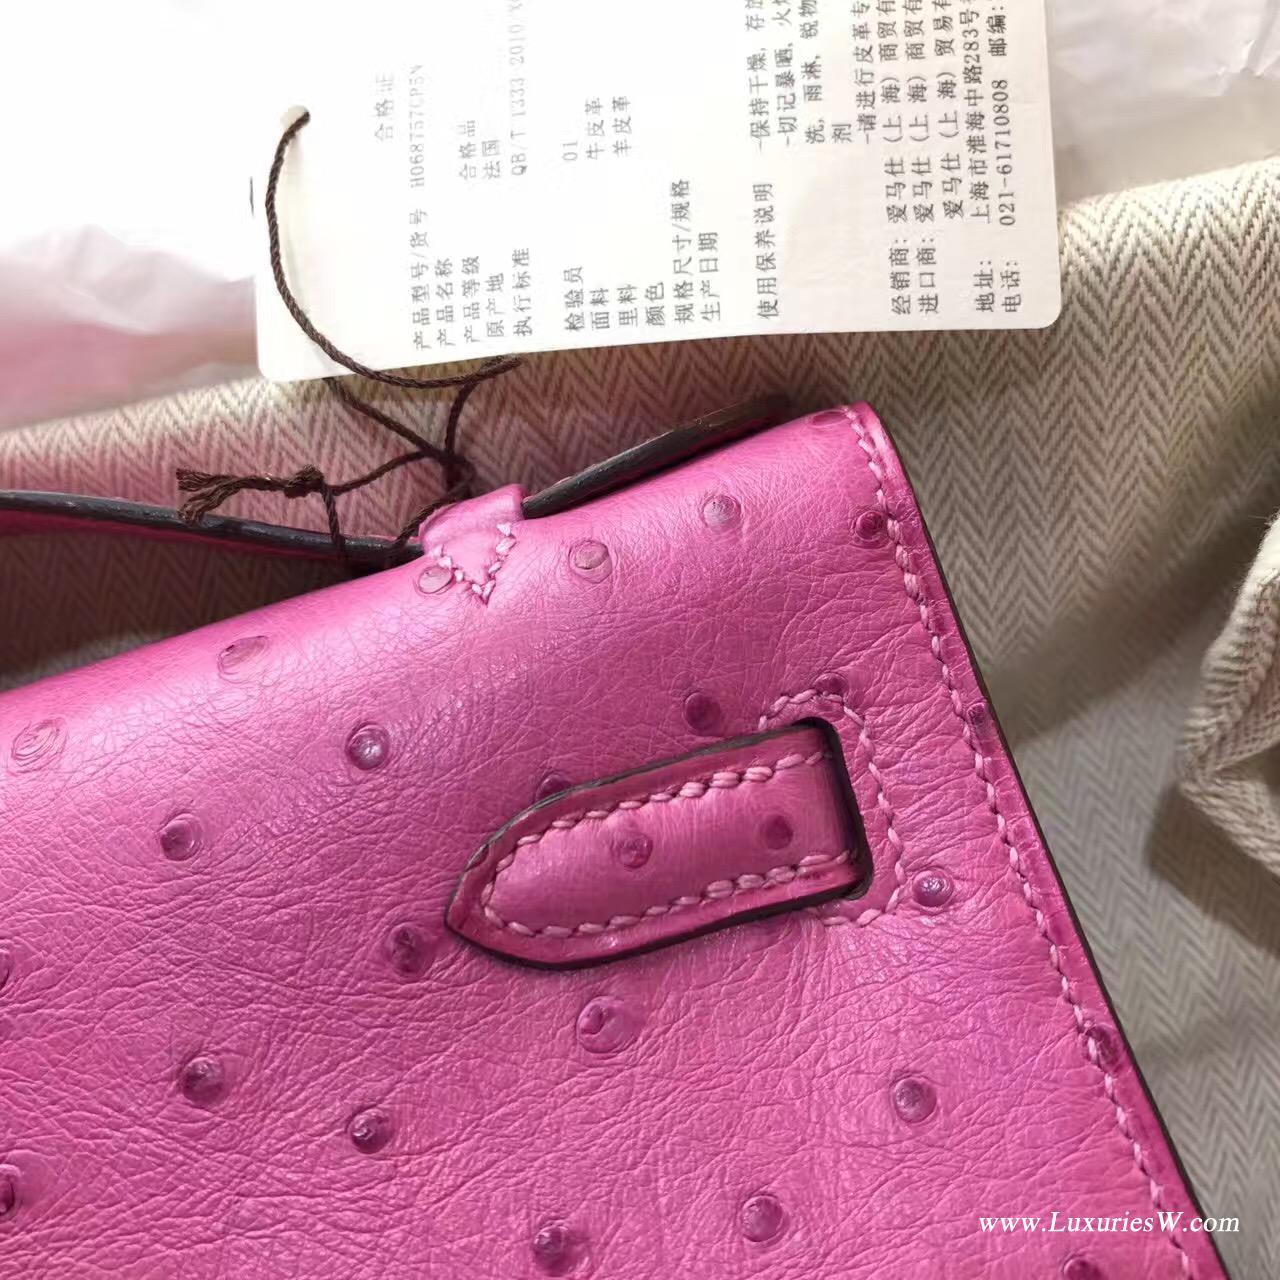 愛馬仕Hermes Minikelly壹代 Pochette鸵鸟E5 Rose Tyien糖果粉色 荧光粉色银色金属